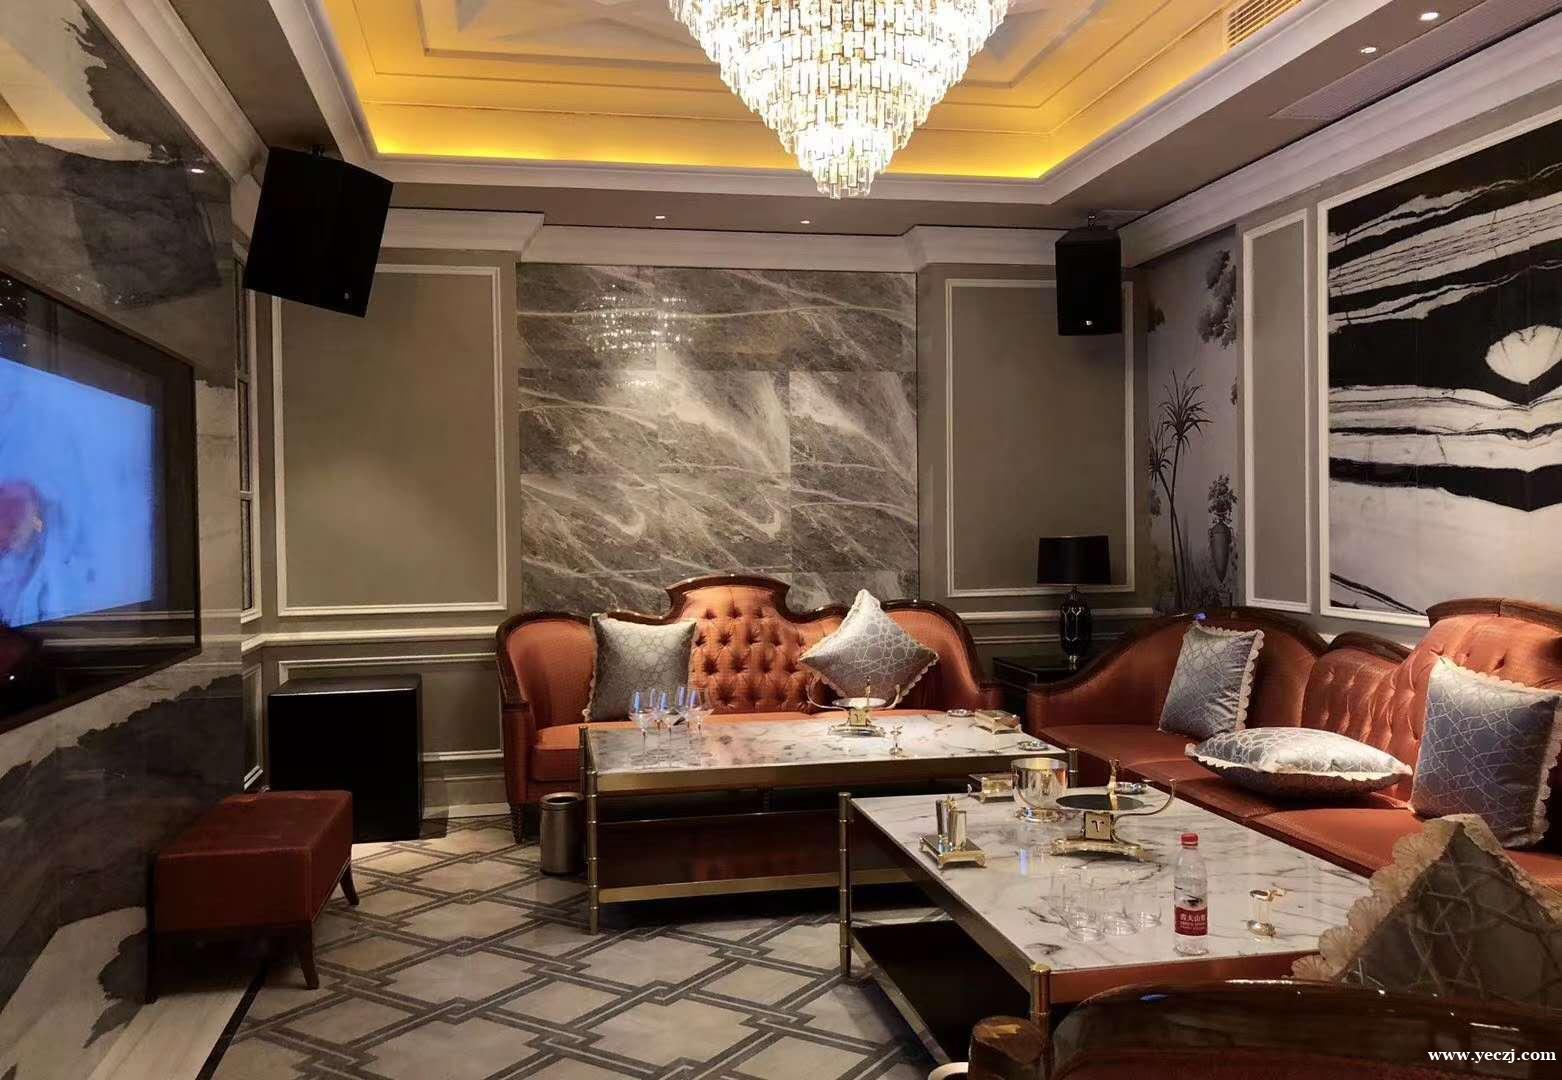 深圳高端夜店招聘信息,客人素质高,一单一结